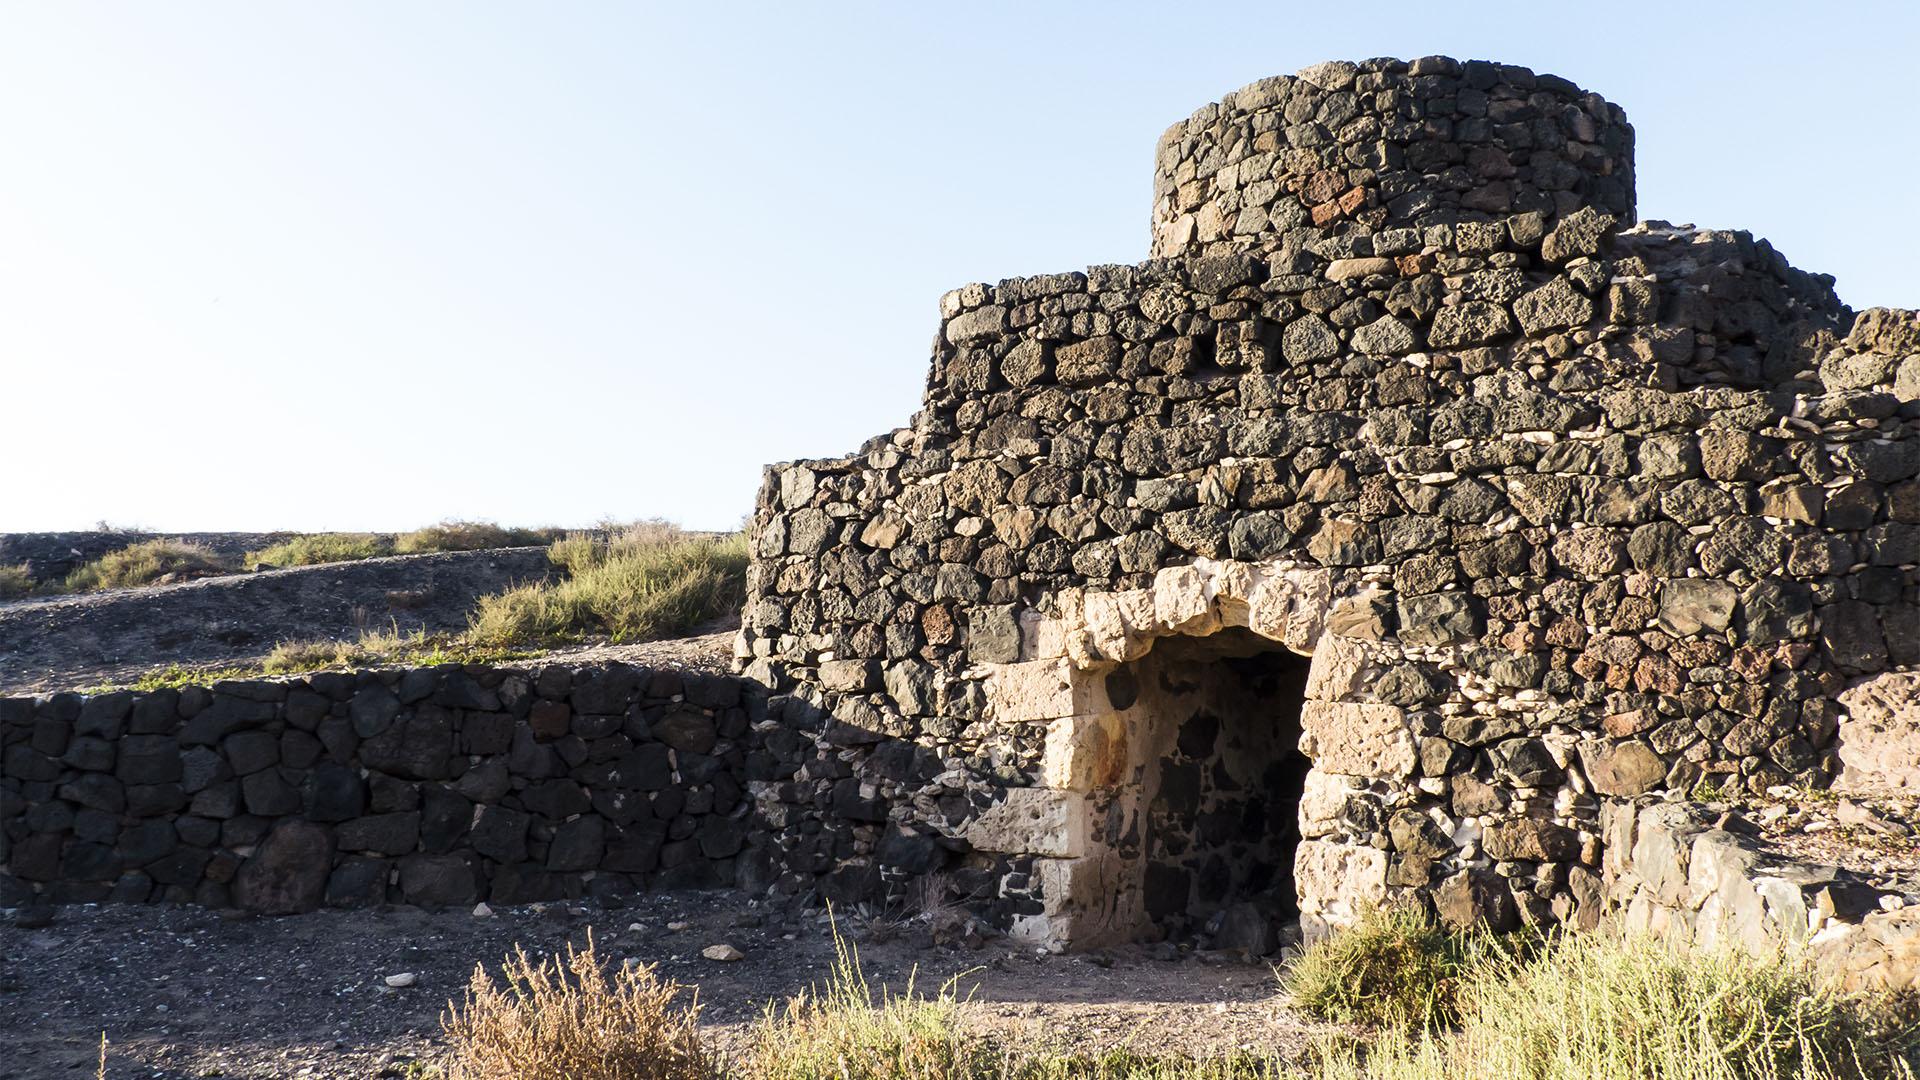 Kalkindustrie auf Fuerteventura – jeder, der ein Stück brauchbares Land hatte, brannte Kalk.